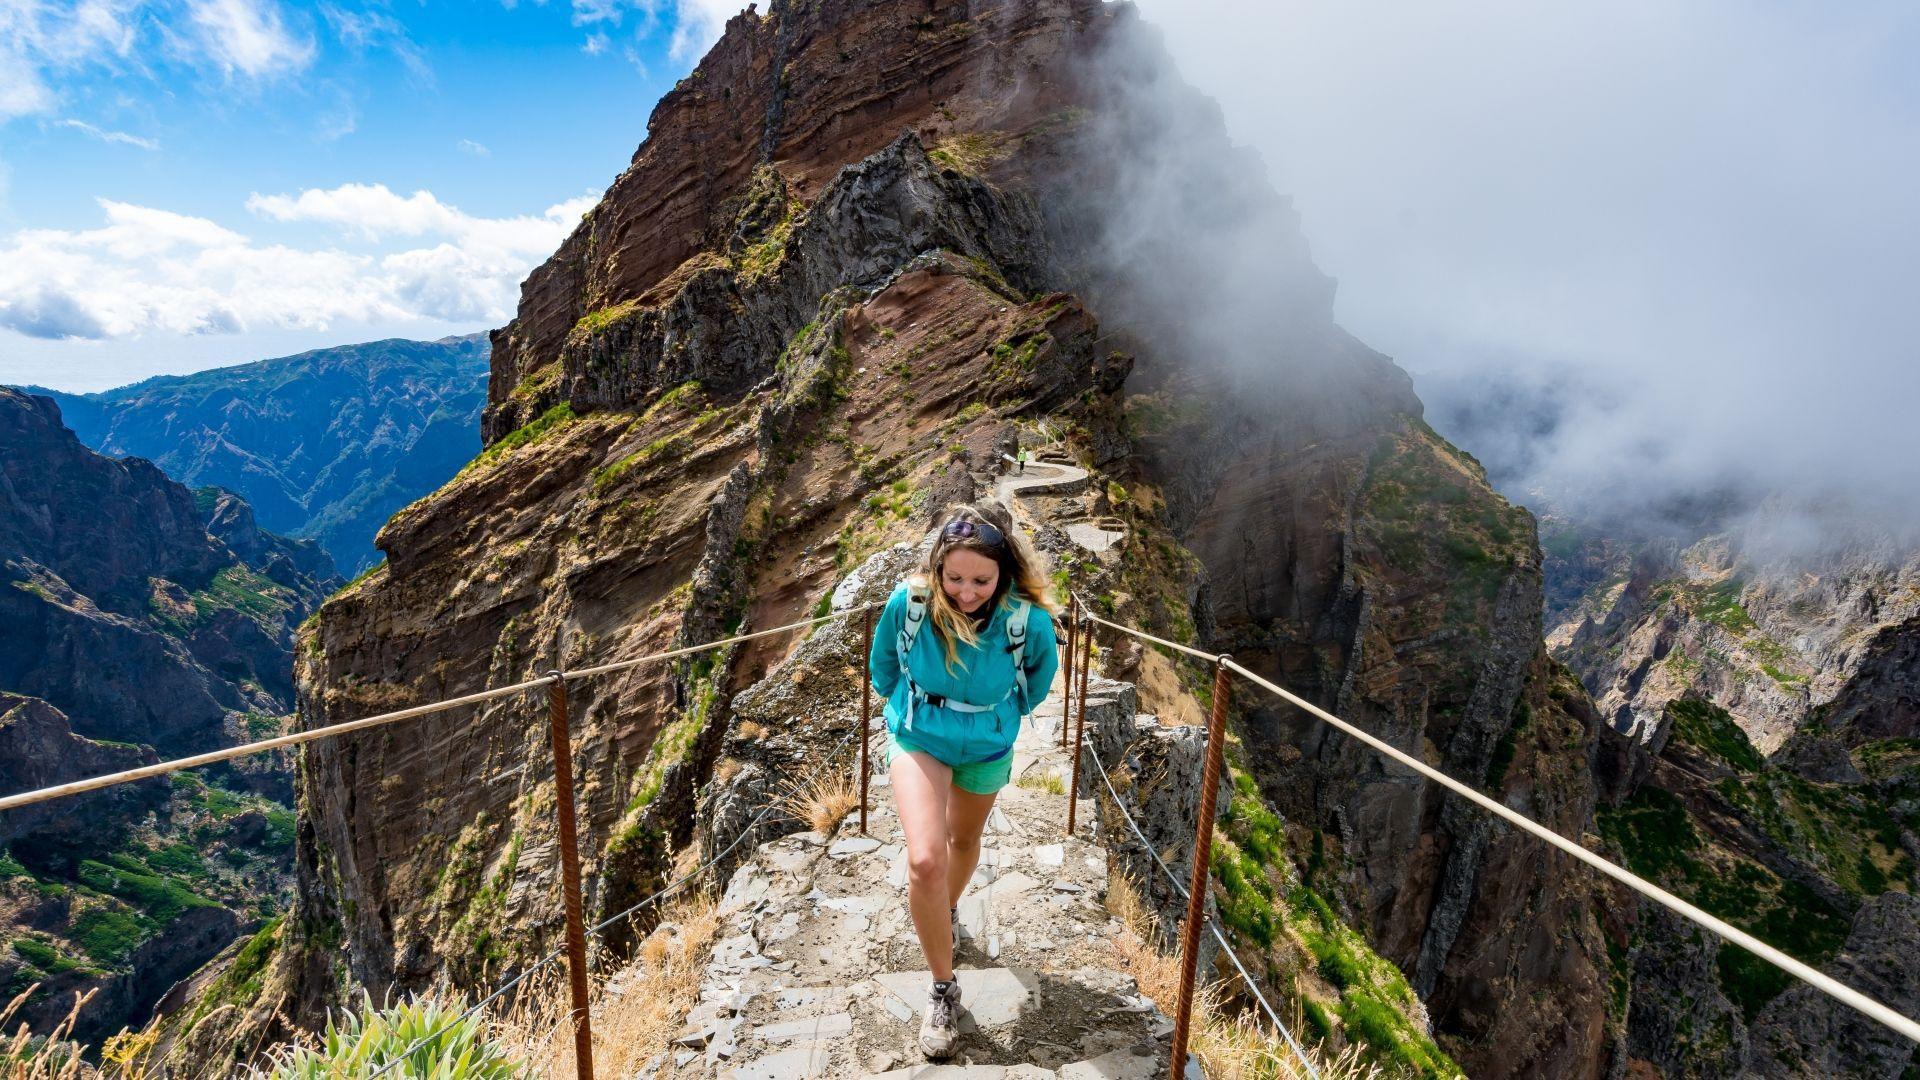 Kelionės į Madeirą metu leiskitės į žygį kalnuose